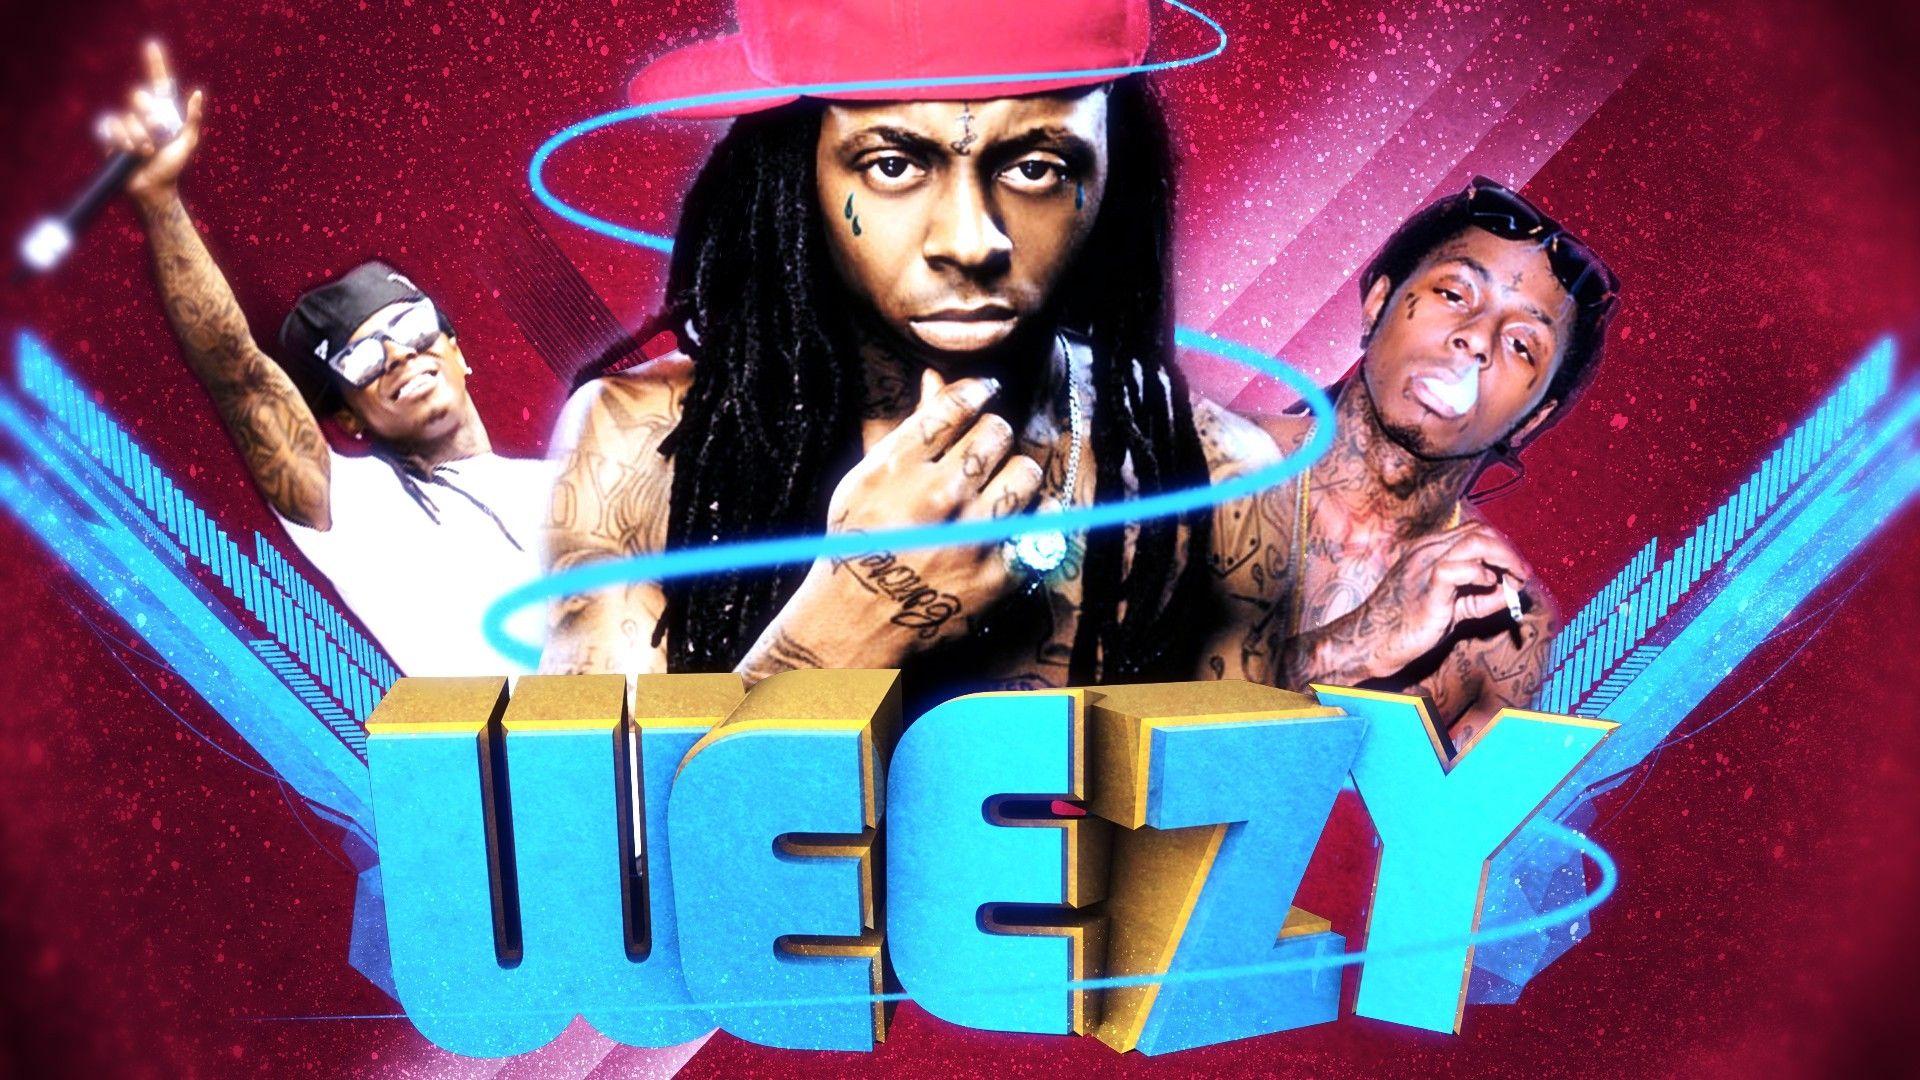 Lil Wayne 2015 Wallpapers HD 1920x1080